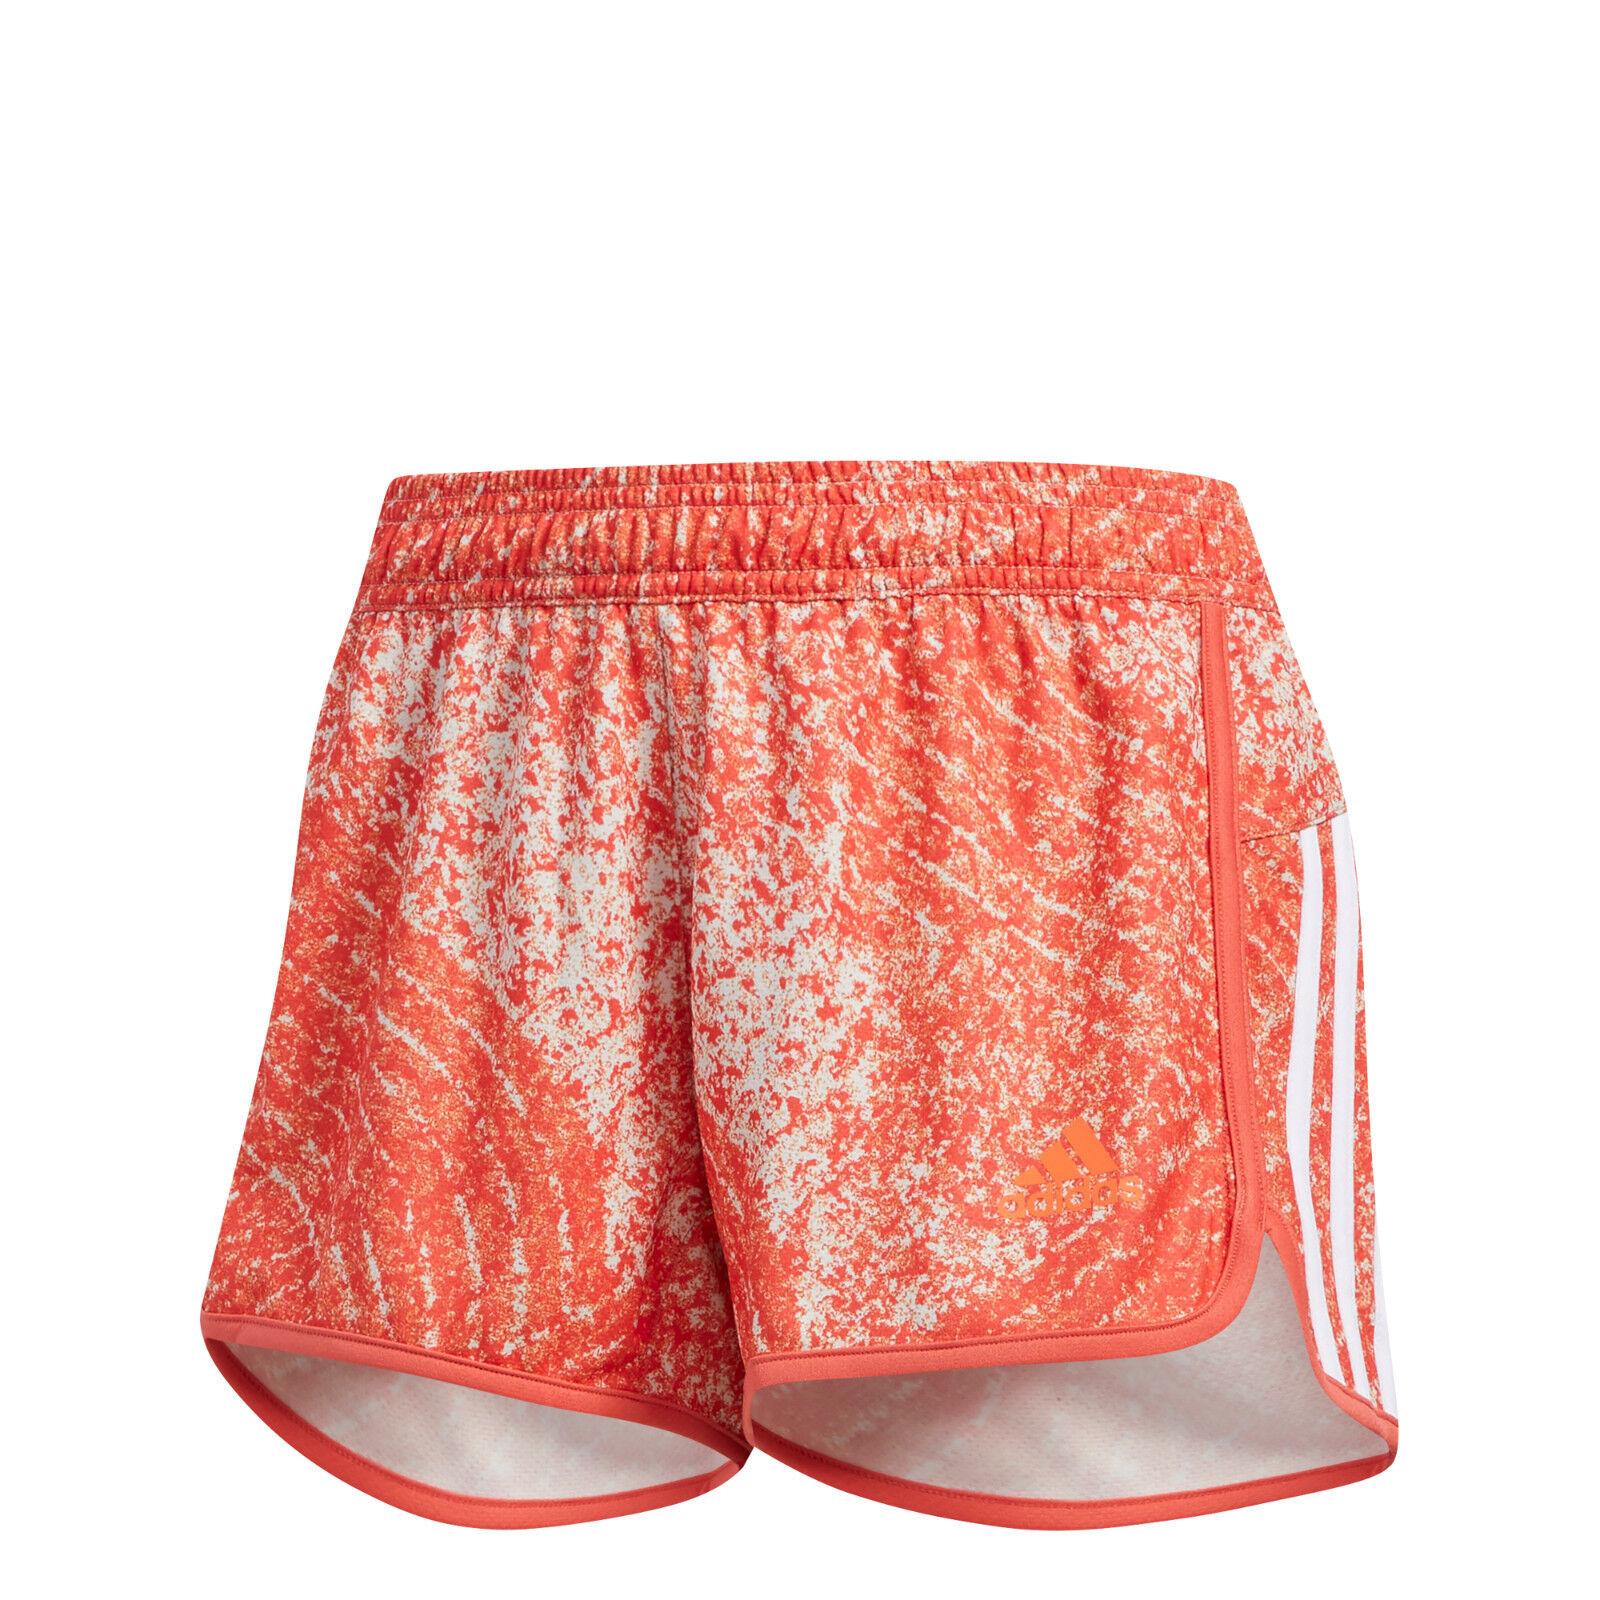 Adidas women Pantalones Atletismo d2mtaw 3stripes cortos FITNESS ENTRENAMIENTO